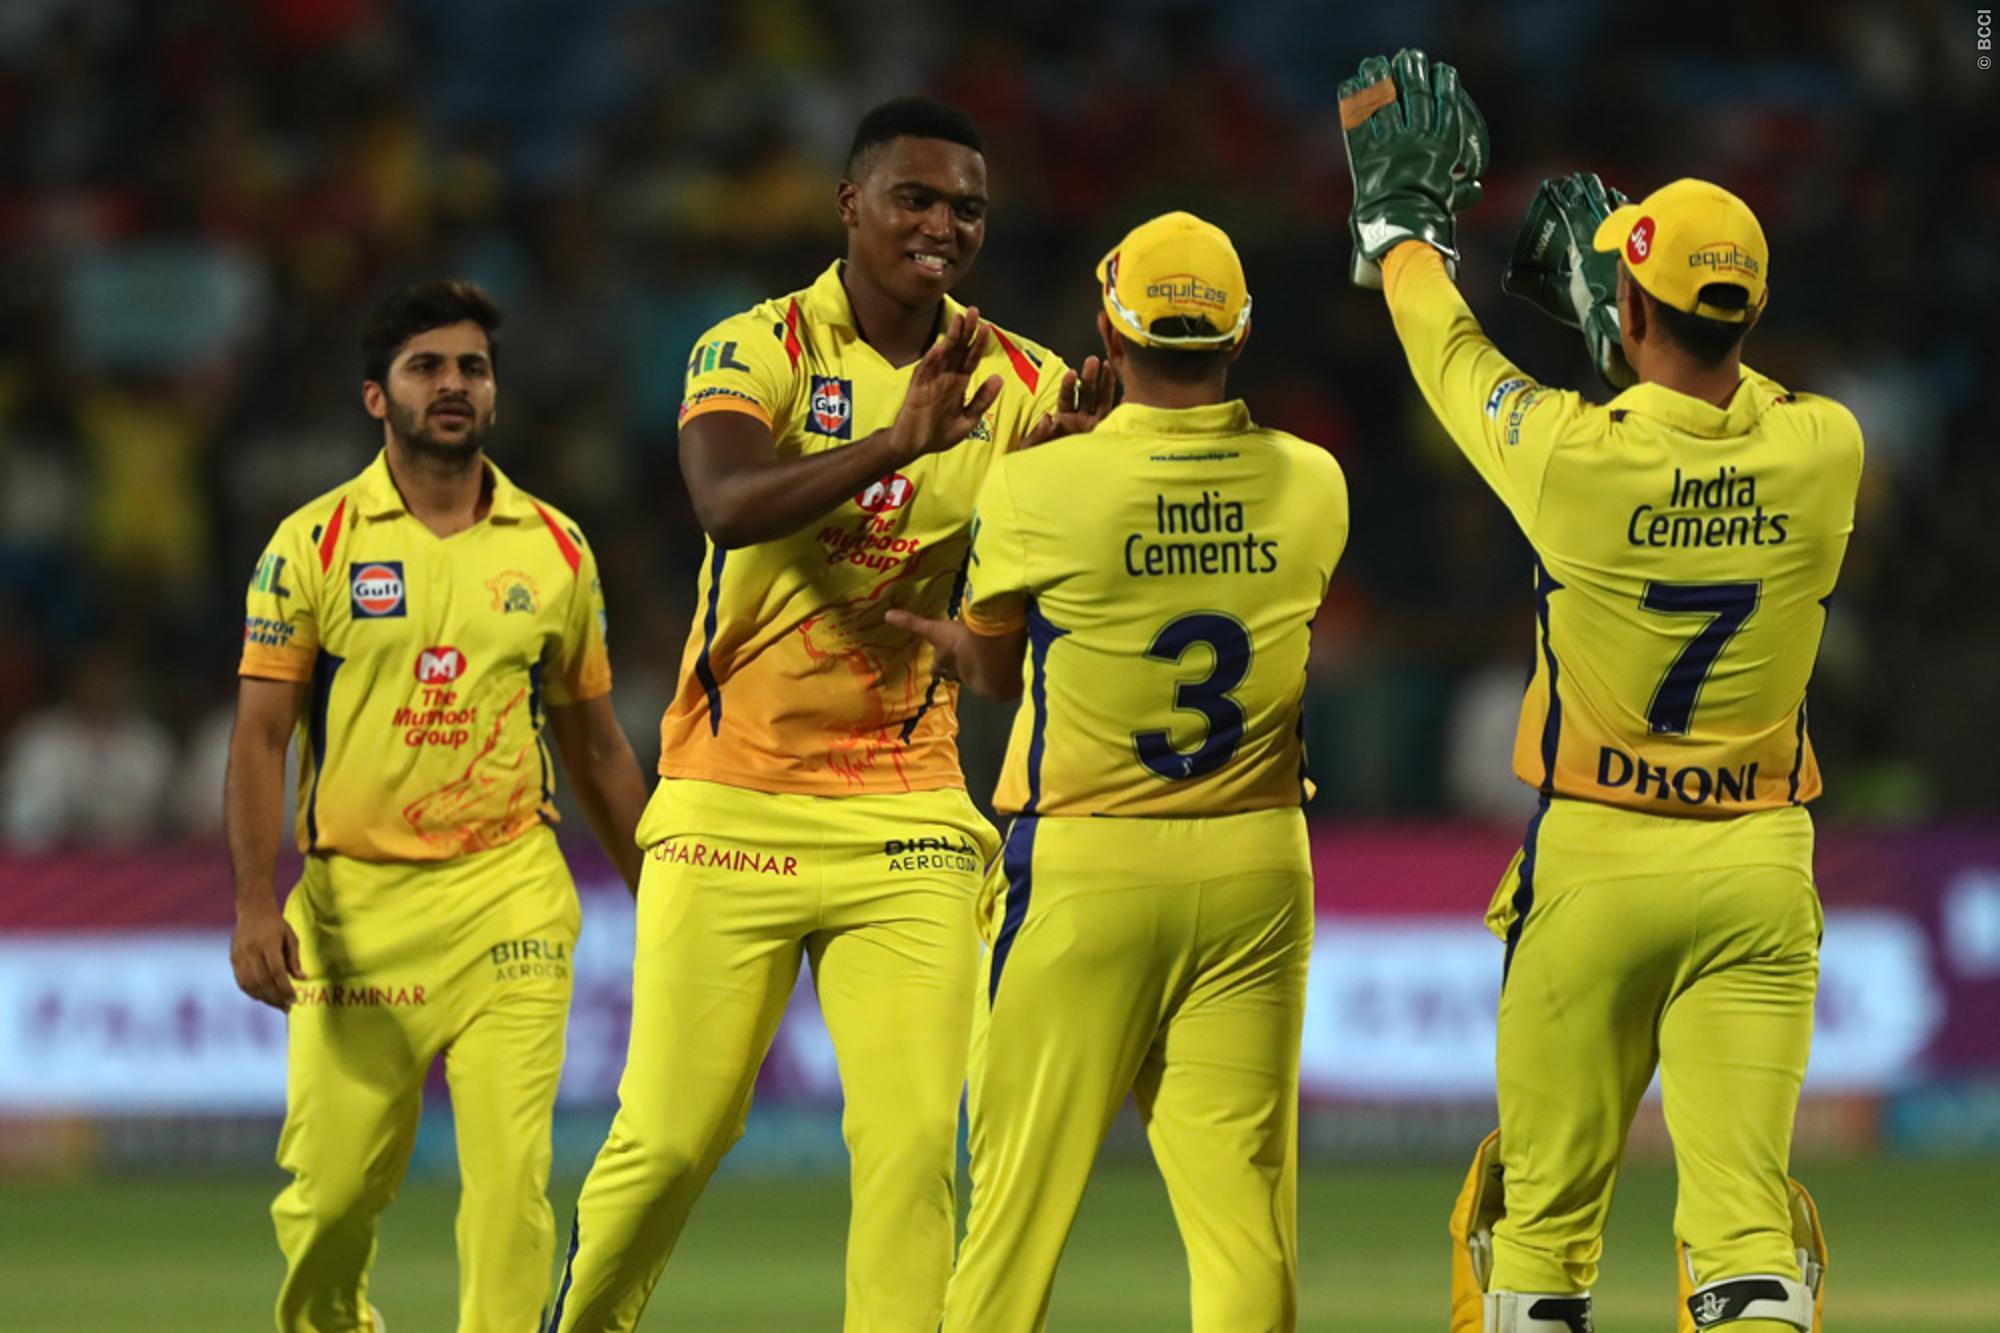 पंजाब की हार से दुखी प्रीति जिंटा ने प्लेऑफ में पहुँचने वाली टीमों के लिए कहा कुछ ऐसा 3